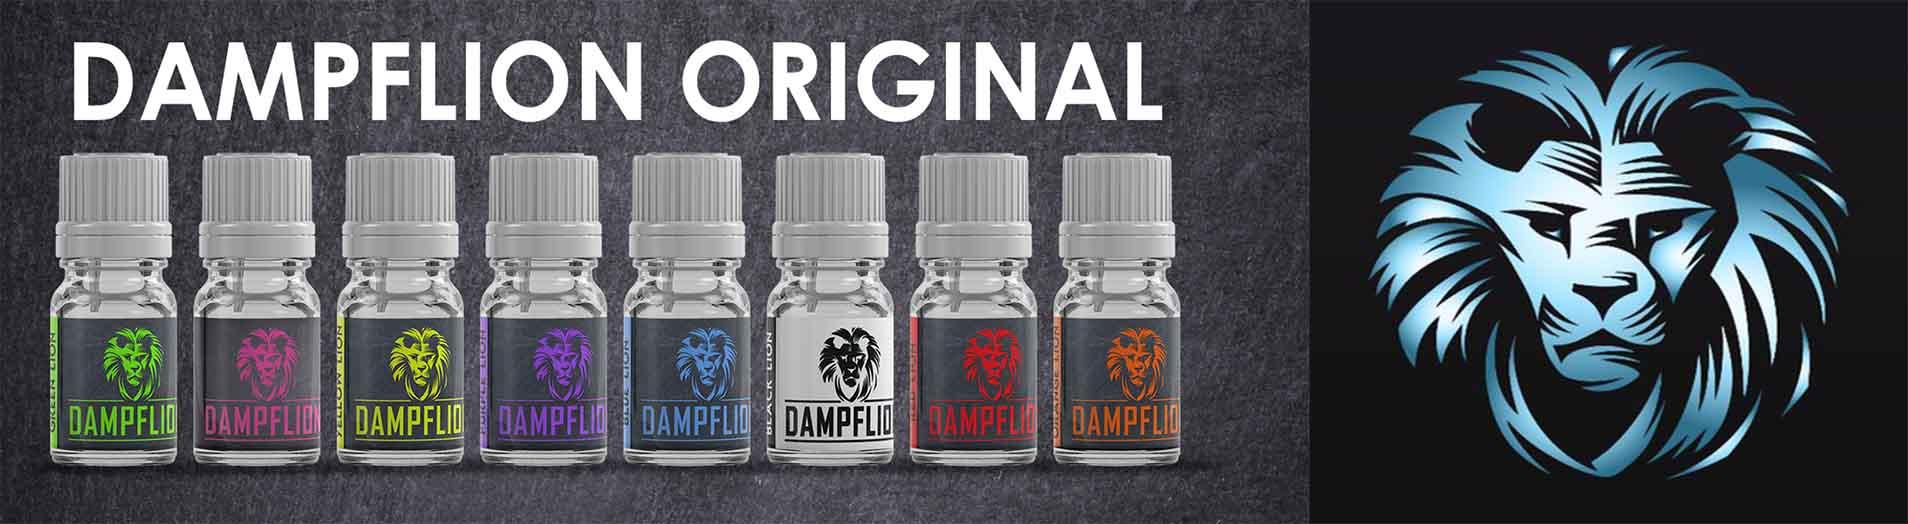 Dampflion-Original-BannersDg0I87i2Vv0b